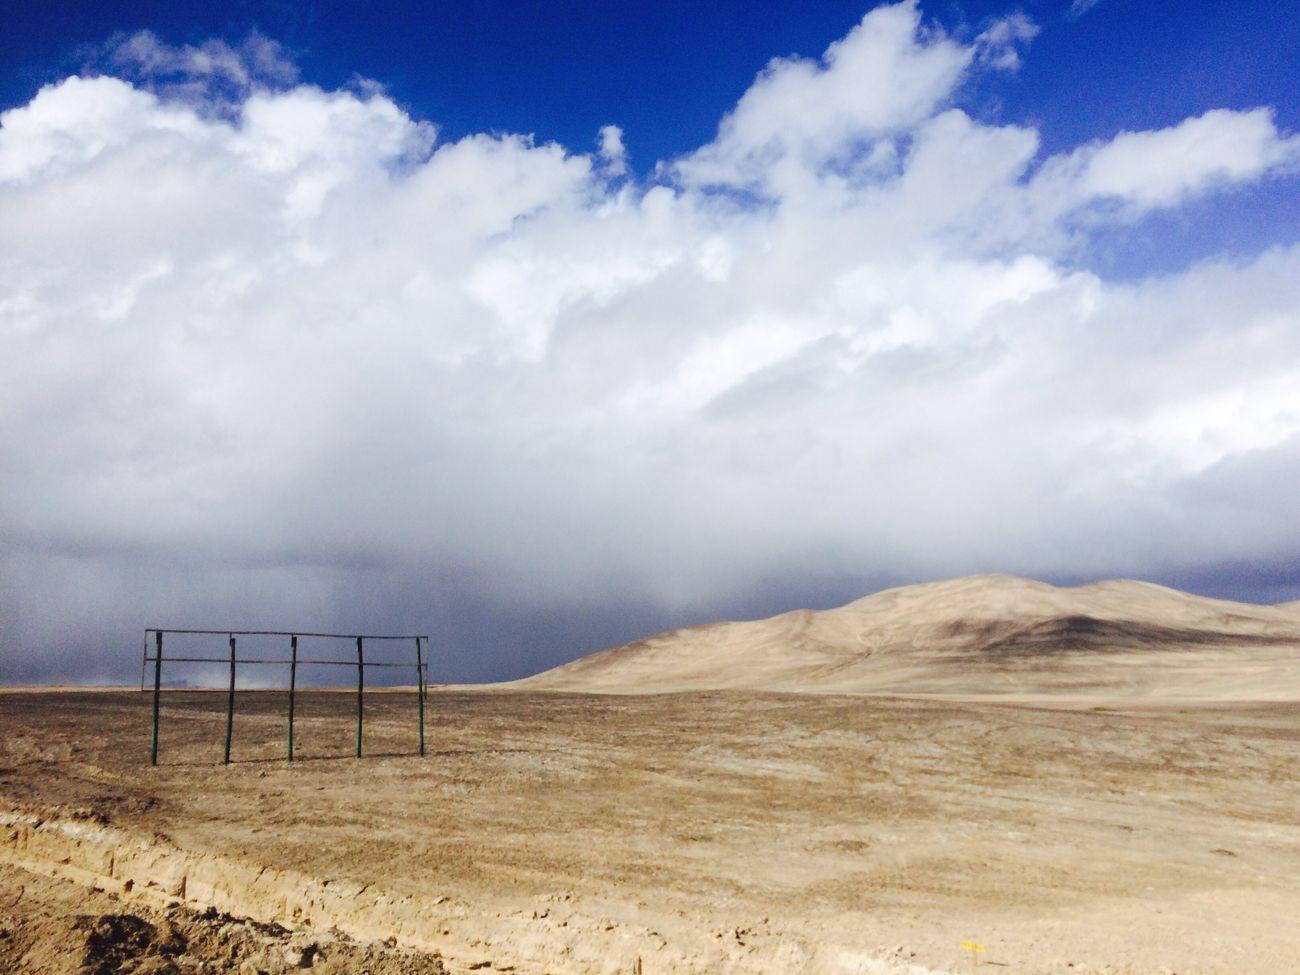 Desierto De Atacama Desert Calama Nuves Cielo Cielo Y Nubes  el desierto mas árido del mundo